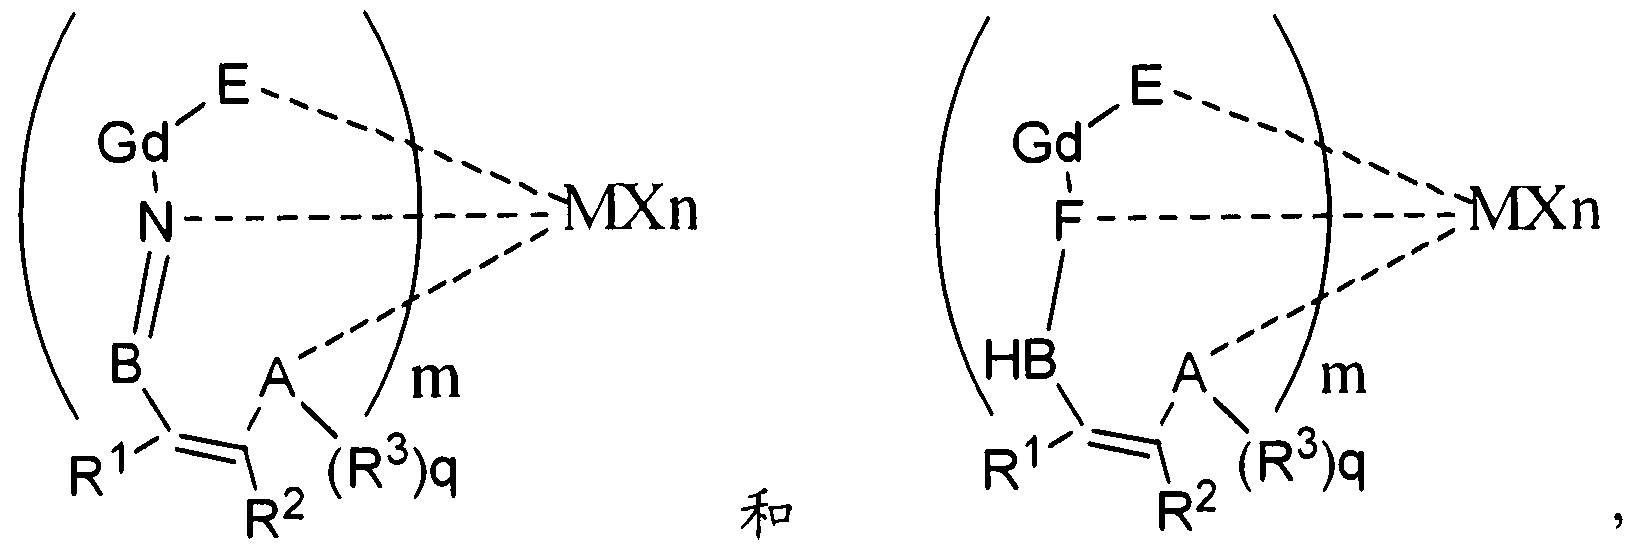 Figure imgf000009_0001